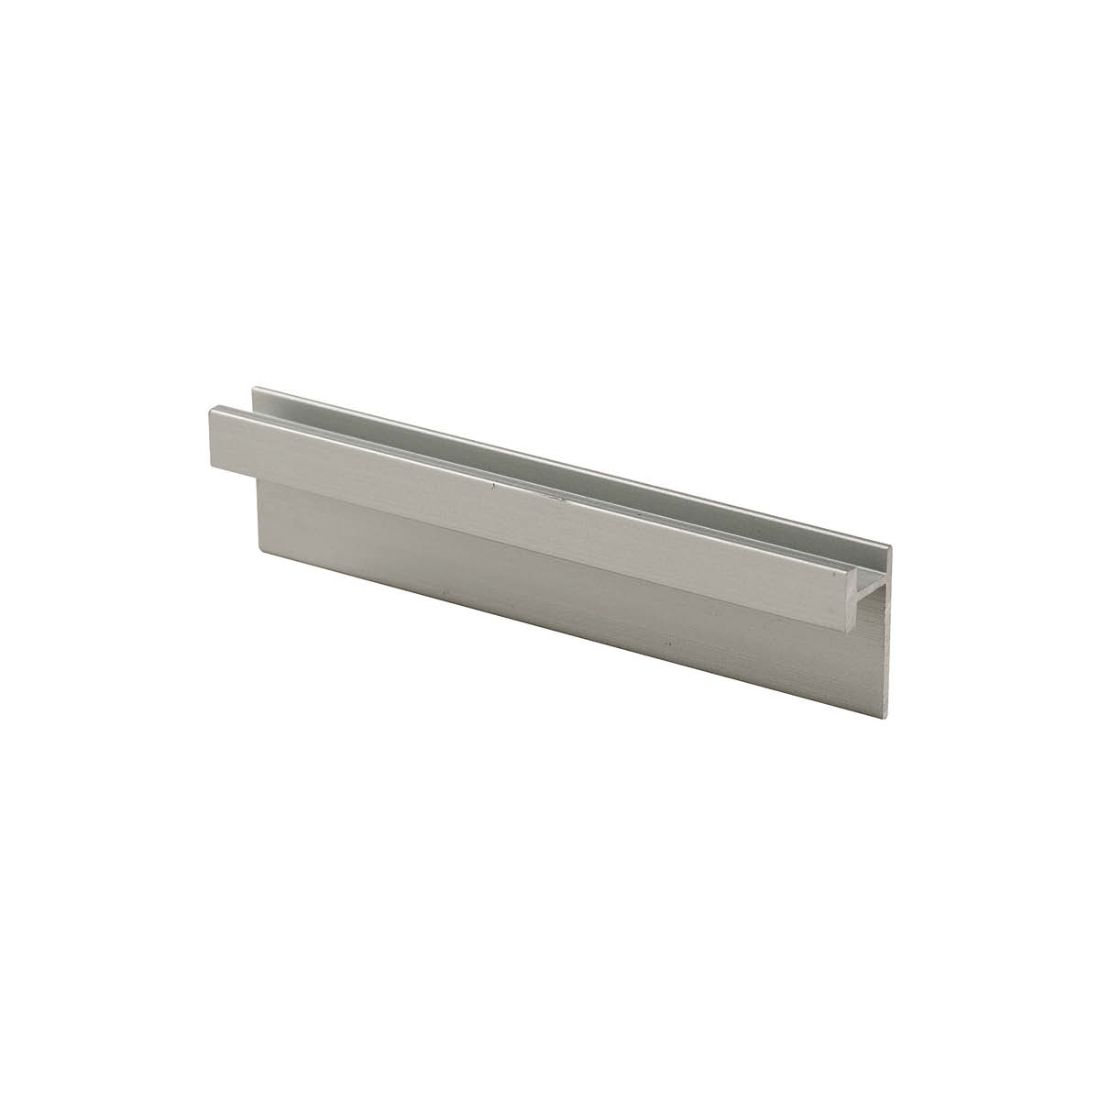 Aluminium Internal Corner Jointer Magic Mushroom 2700 x 4.5mm